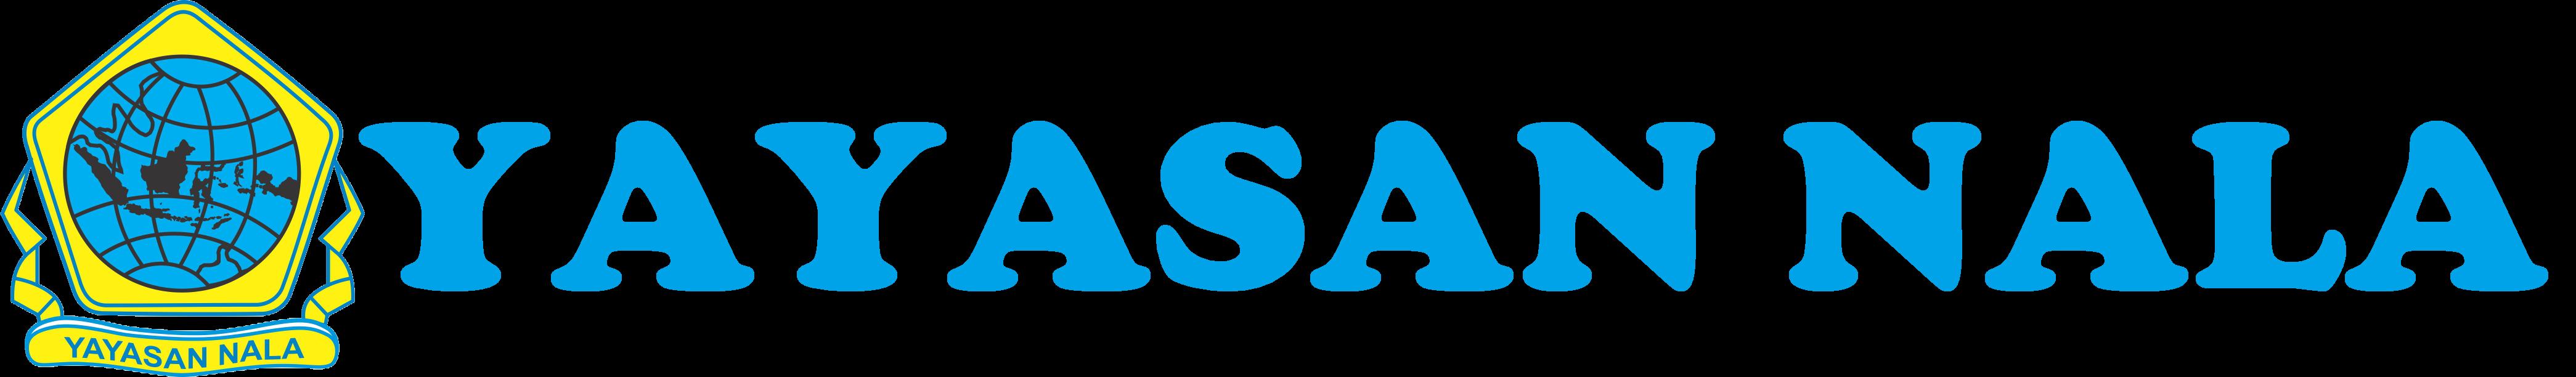 Yayasan Nala